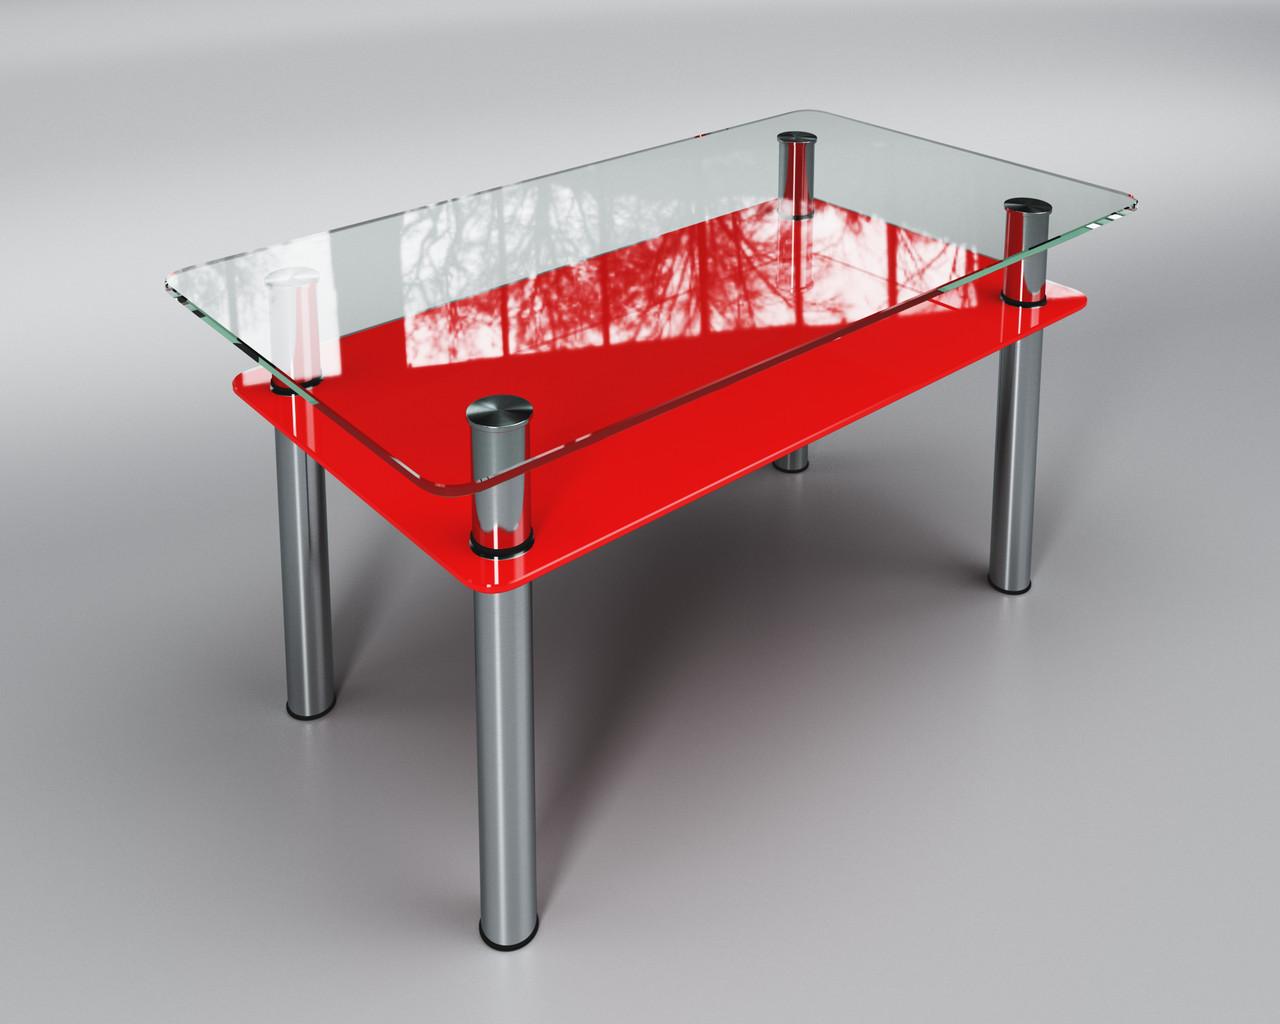 Журнальный стеклянный стол Вега с полкой красной